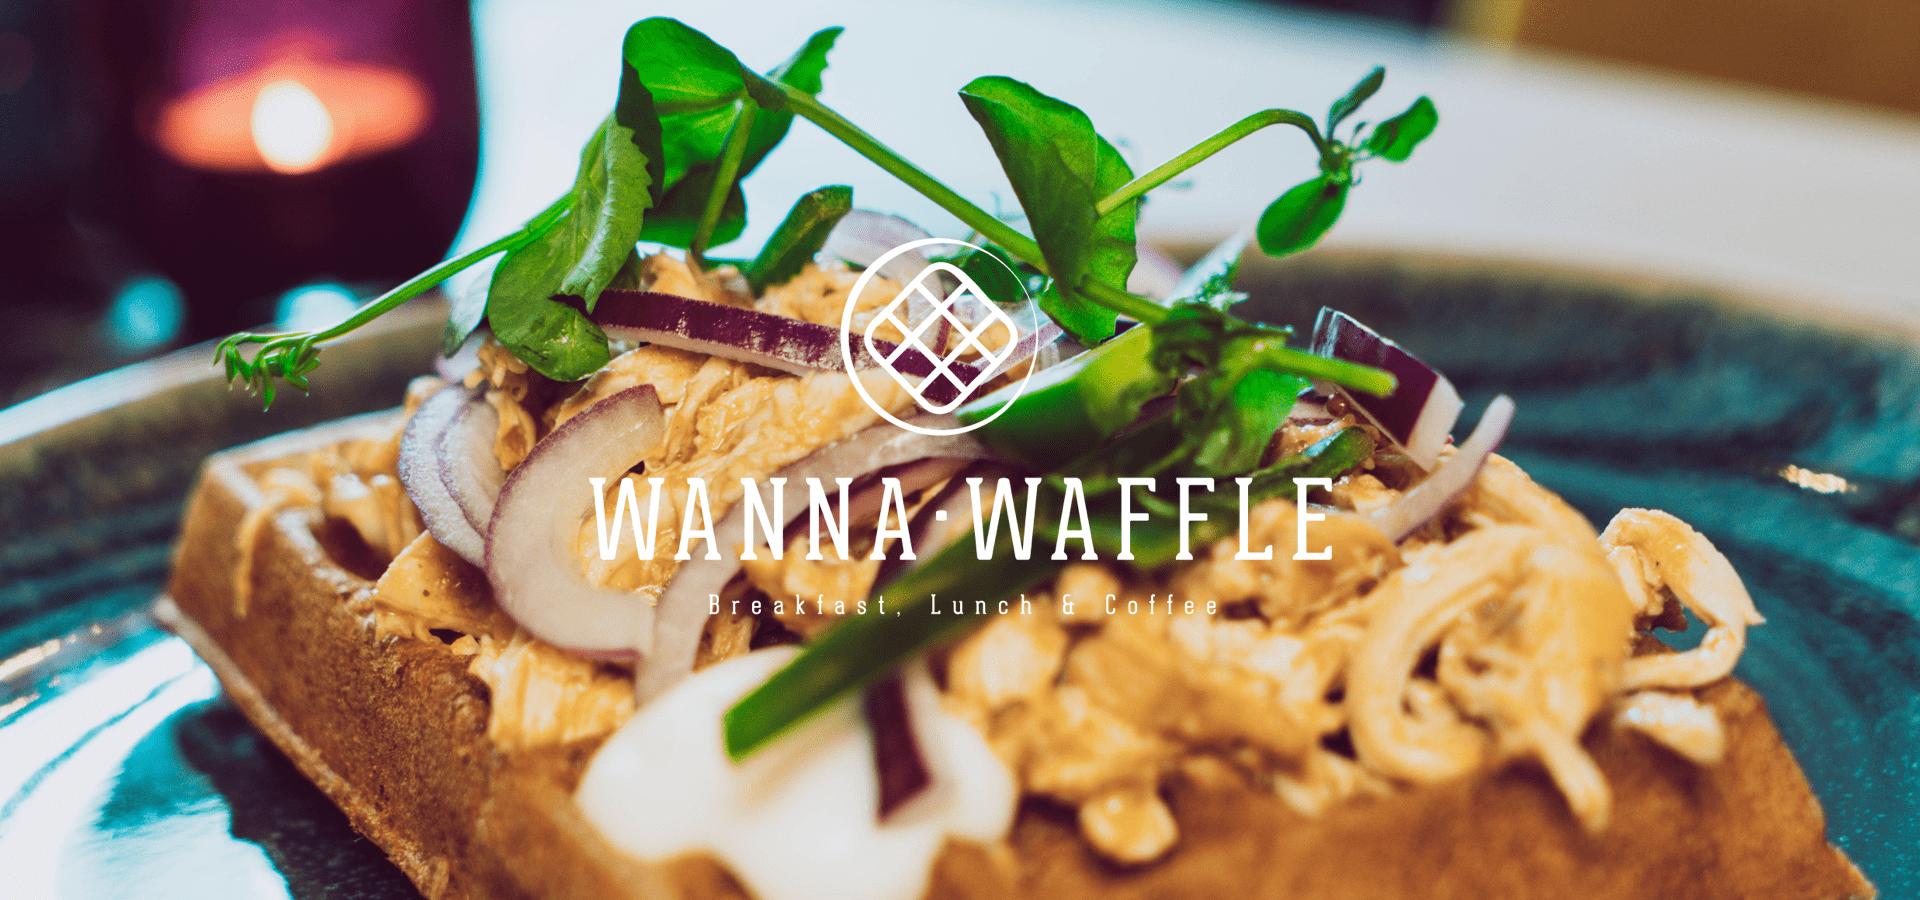 Wanna Waffle